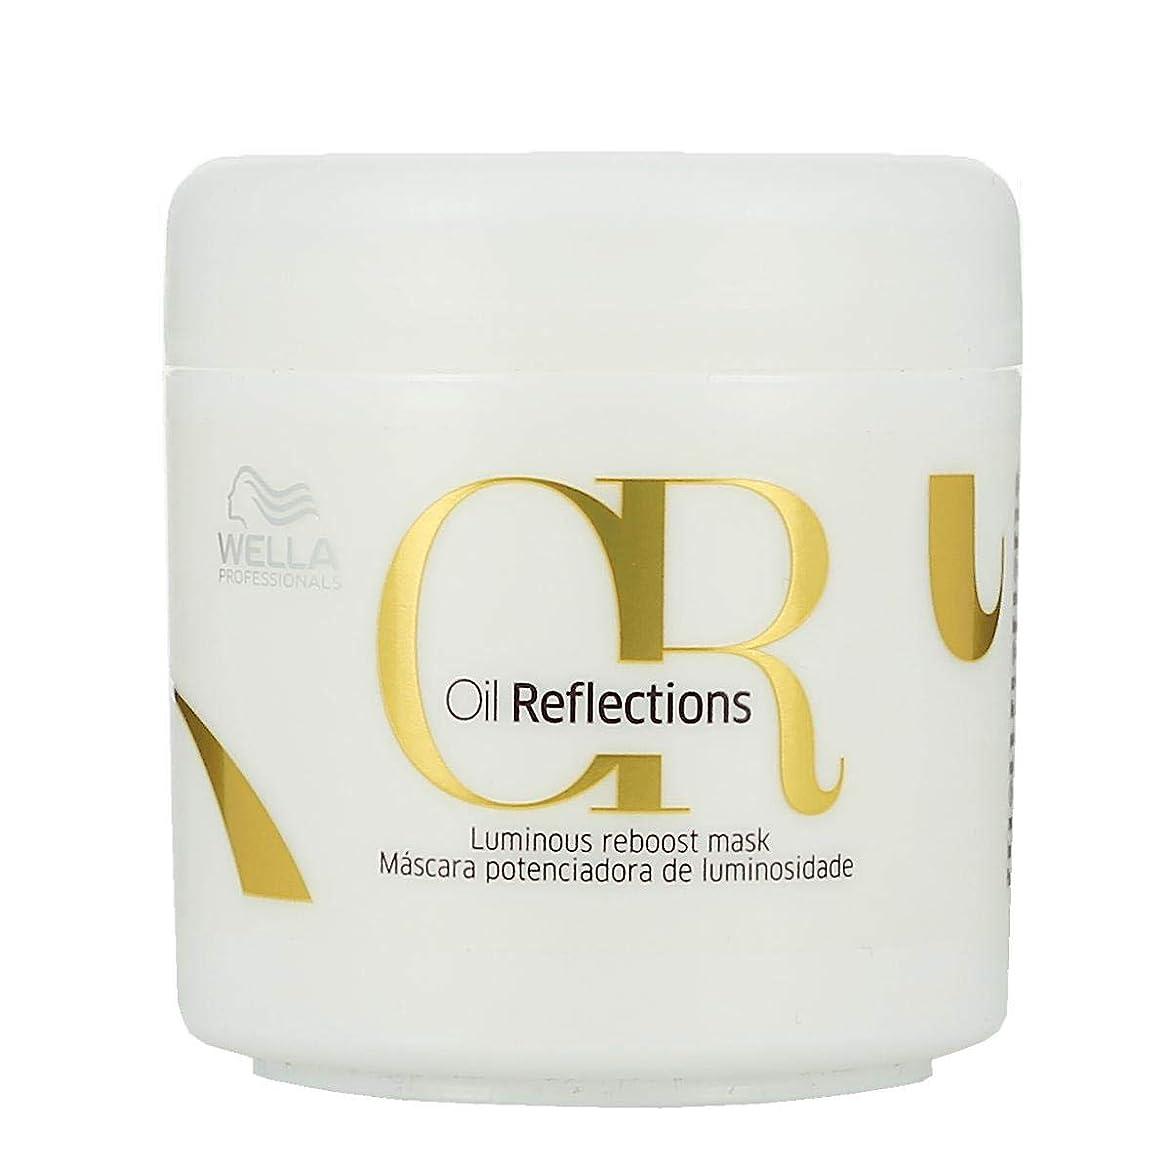 まぶしさ歌変なWella Professionals Oil Reflections Luminous Reboost Mask ウエラ オイルリフレクション マスク 150 ml [並行輸入品]